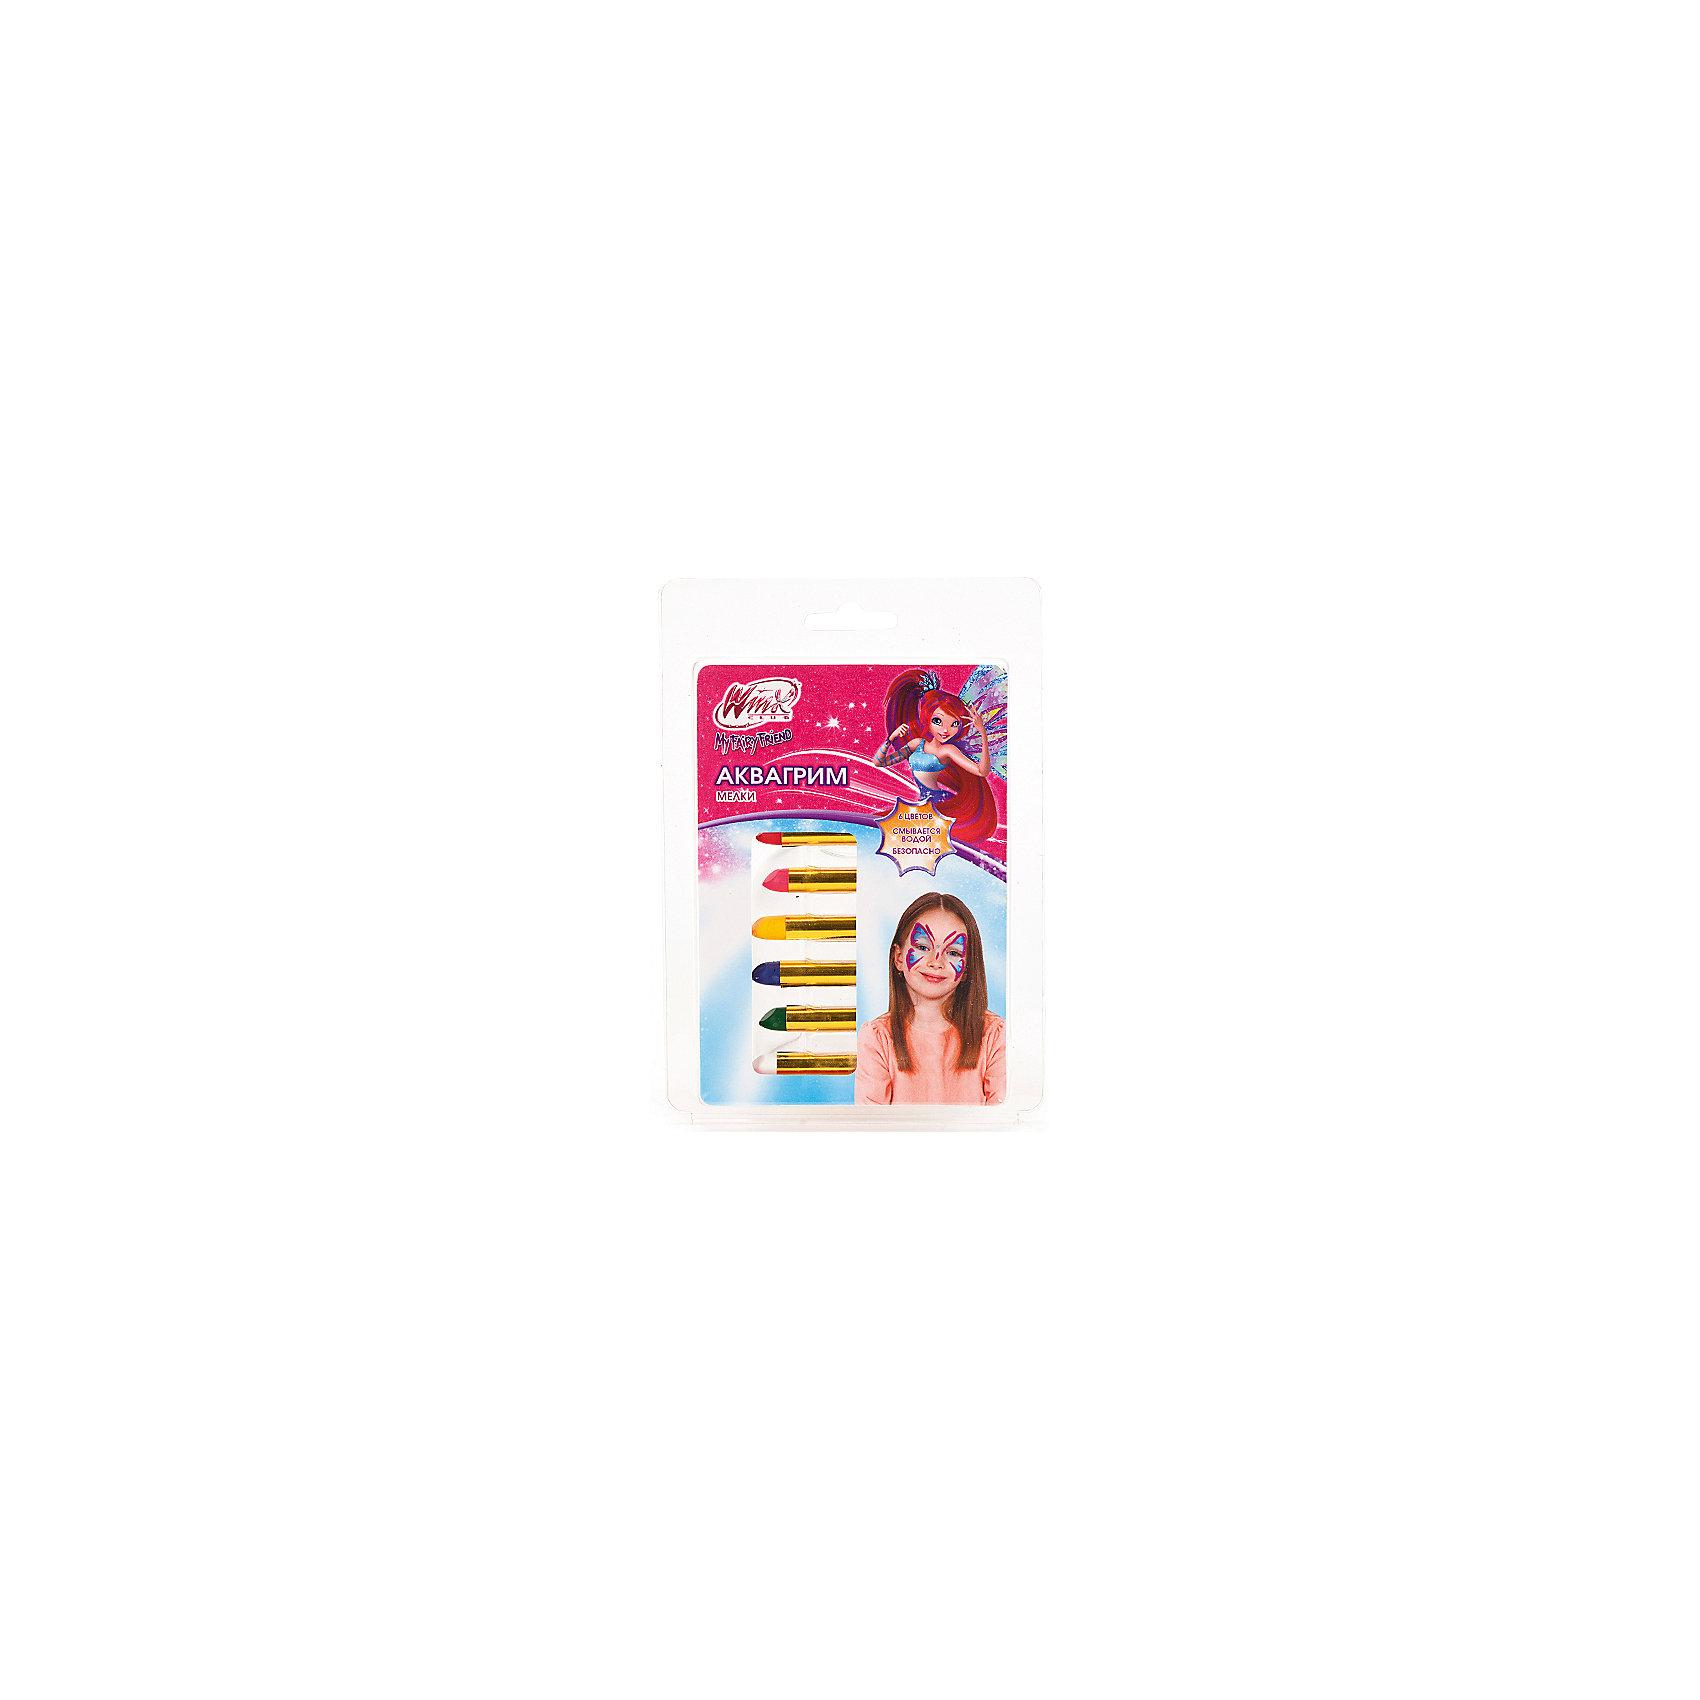 Мелки для аквагрима Multiart, 6 цветов, Winx ClubКосметика, грим и парфюмерия<br>С Мелками для аквагрима «Multiart» (Мультиарт), 6 цветов, Winx Club (Клуб Винкс) даже самый обычный день превратится в замечательный праздник! 6 разноцветных мелков в индивидуальной обертке на водной основе созданы специально для детей, прекрасно ложатся на лицо и потом смываются водой. Не оставляет на коже ни следов покраснения, ни аллергической реакции. Упаковка украшена изображением феи из популярного мультсериала «Клуб Винкс».<br><br>Комплектация: 6 разноцветных мелков<br><br>Дополнительная информация:<br>-Серия: Клуб Винкс<br>-Вес в упаковке: 50 г<br>-Размеры в упаковке: 170х120х20 мм<br>-Материалы: краски на водной основе, пластик<br><br>Нанесение грима – это отличный способ создать для себя новый образ, а праздник сделать неповторимым и ярким, и набор разноцветных мелков для аквагрима поможет Вашей девочке в этом! <br><br>Мелки для аквагрима «Multiart» (Мультиарт), 6 цветов, Winx Club (Клуб Винкс) можно купить в нашем магазине.<br><br>Ширина мм: 170<br>Глубина мм: 120<br>Высота мм: 20<br>Вес г: 50<br>Возраст от месяцев: 60<br>Возраст до месяцев: 144<br>Пол: Женский<br>Возраст: Детский<br>SKU: 4079267